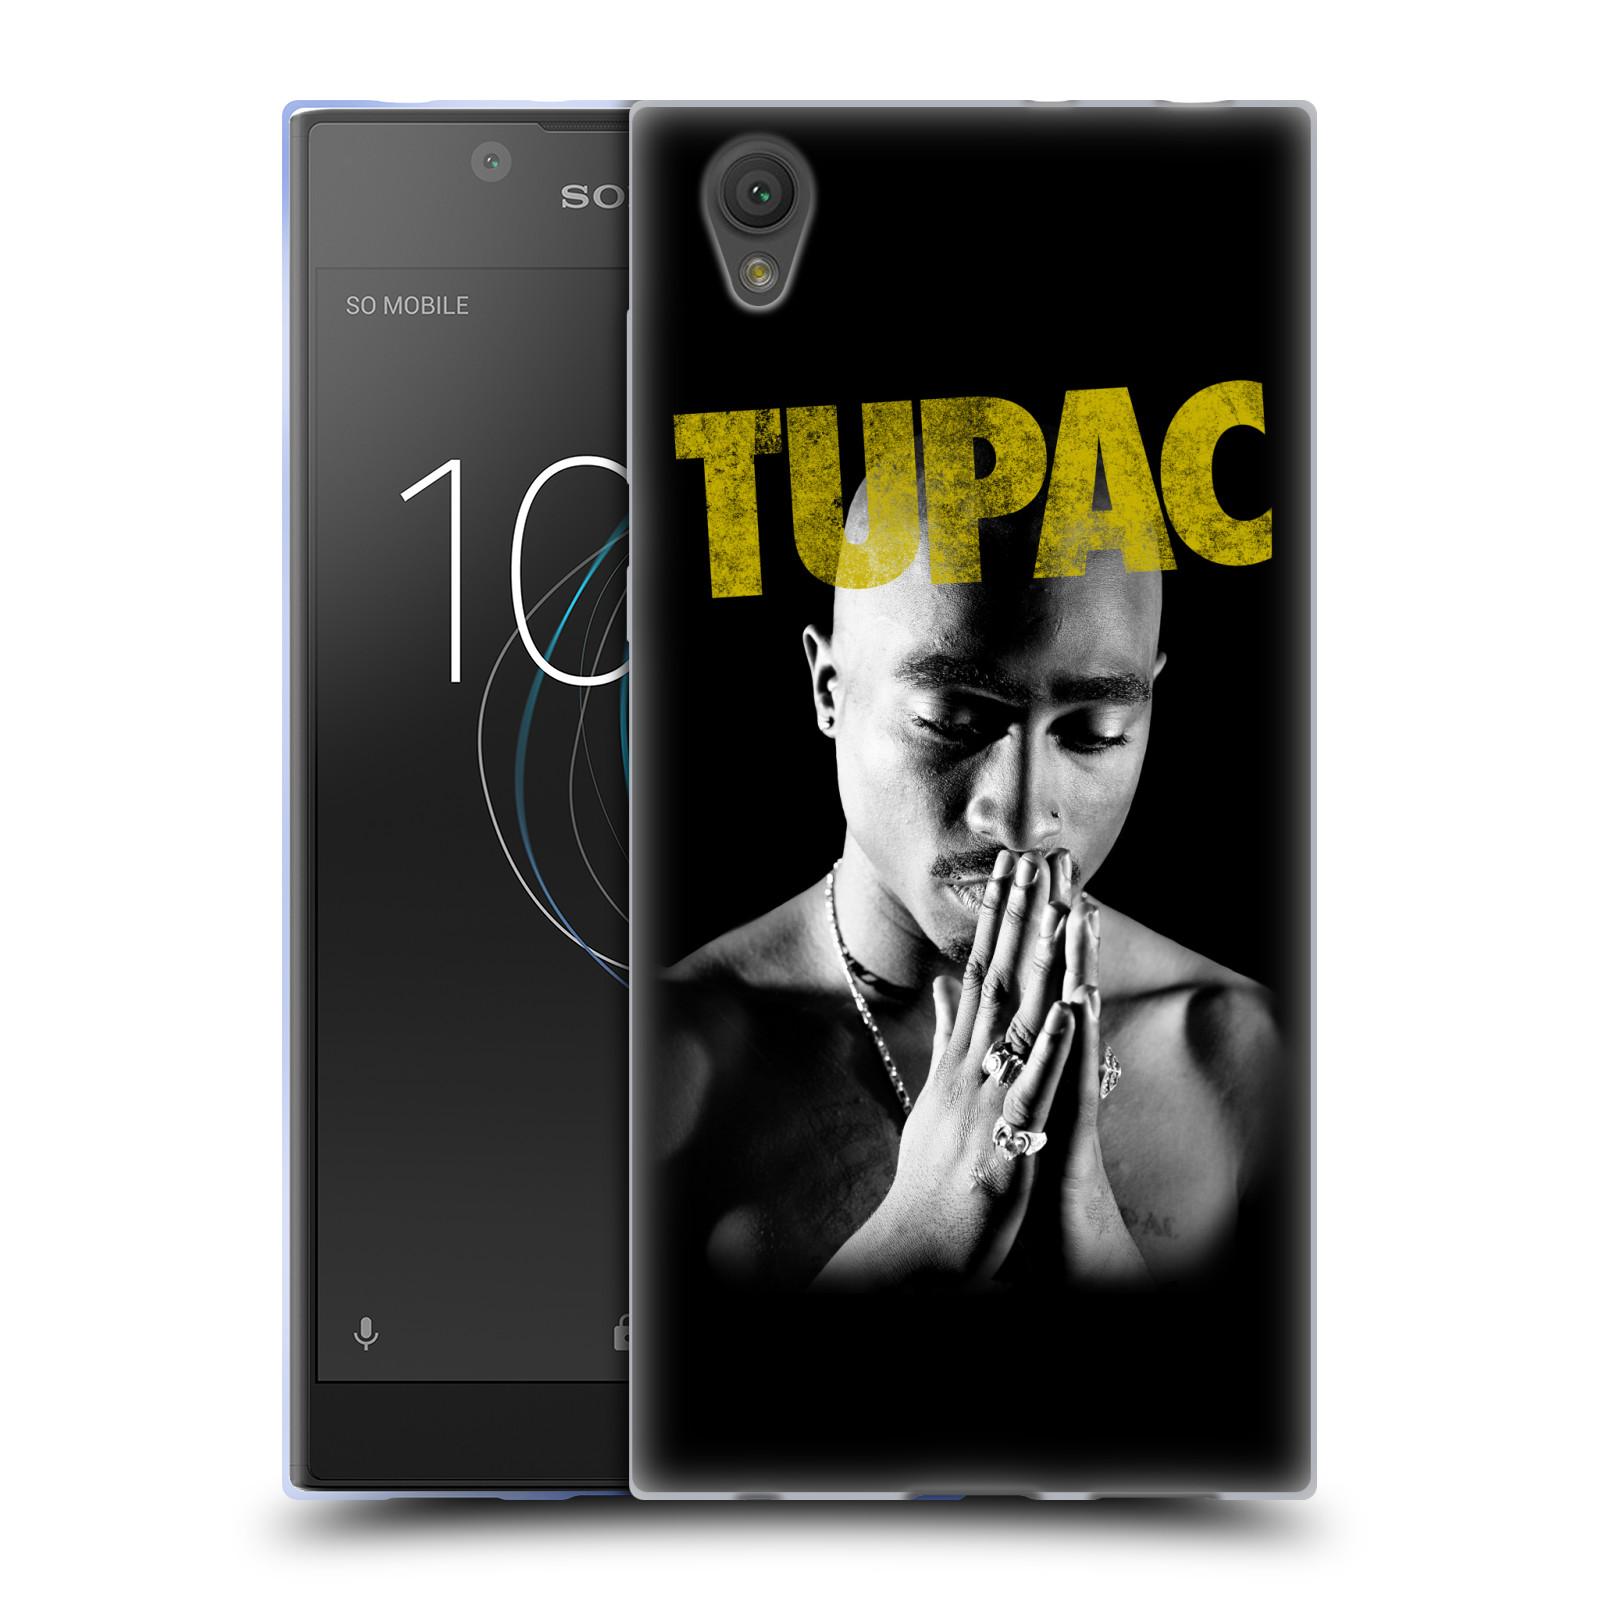 HEAD CASE silikonový obal na mobil Sony Xperia L1 Zpěvák rapper Tupac Shakur 2Pac zlatý nadpis